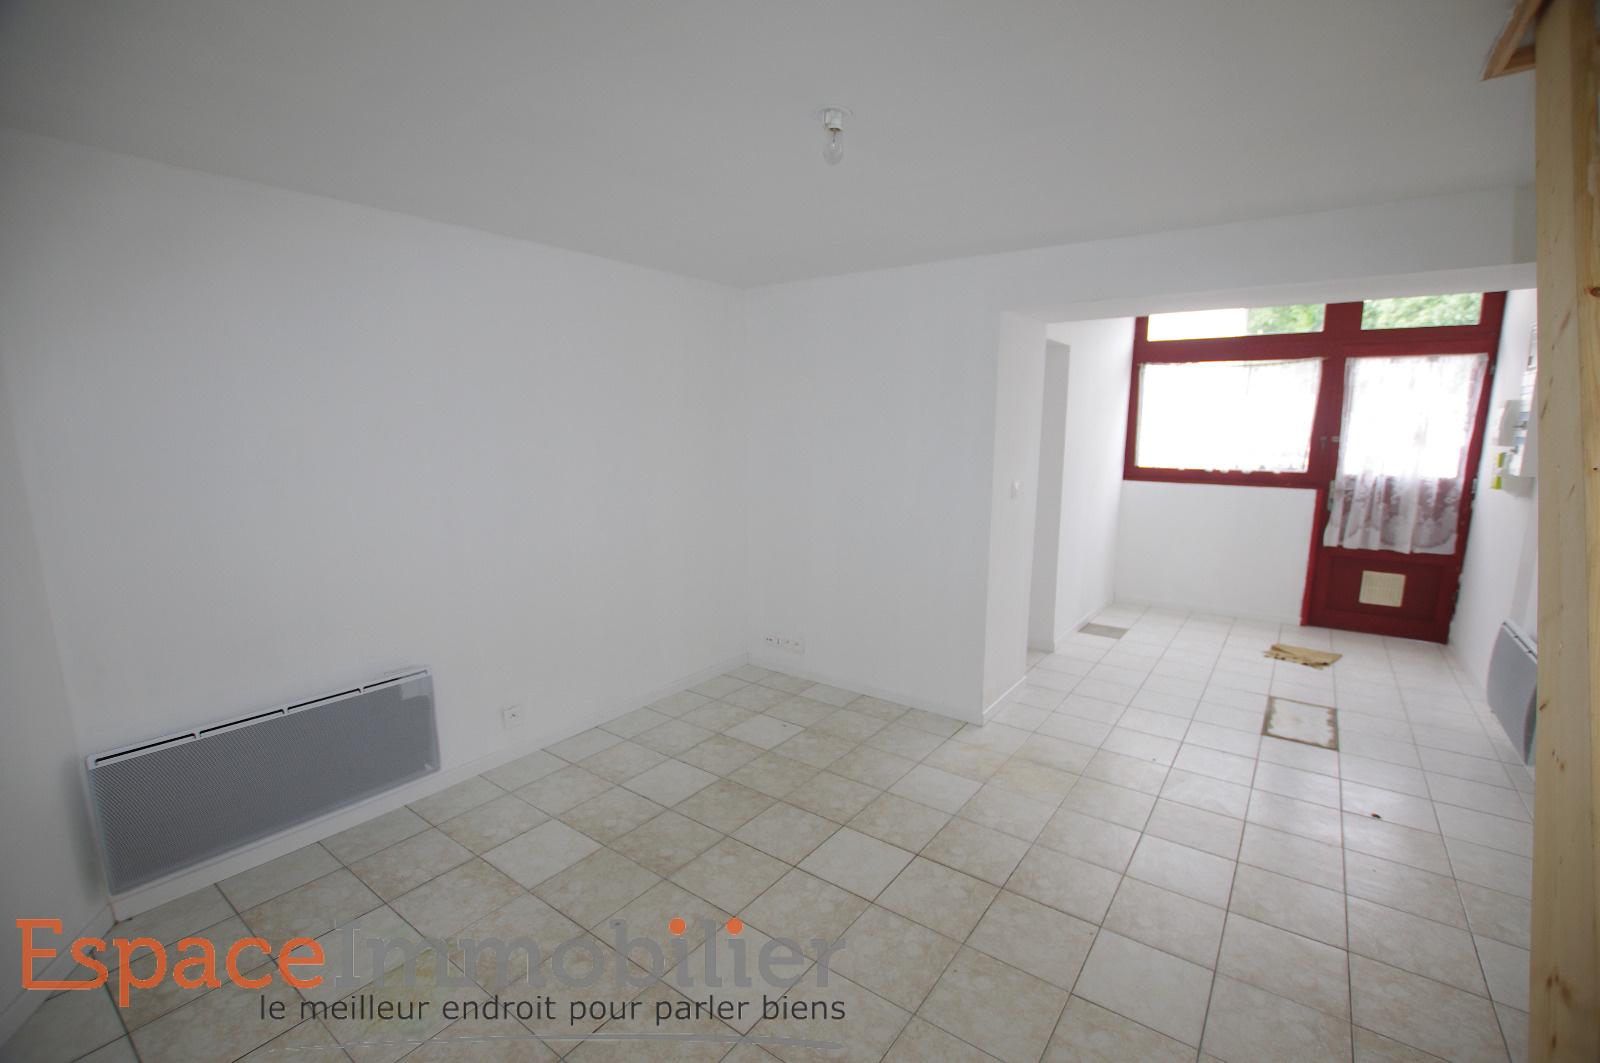 Offres de location Maison Hérin (59195)